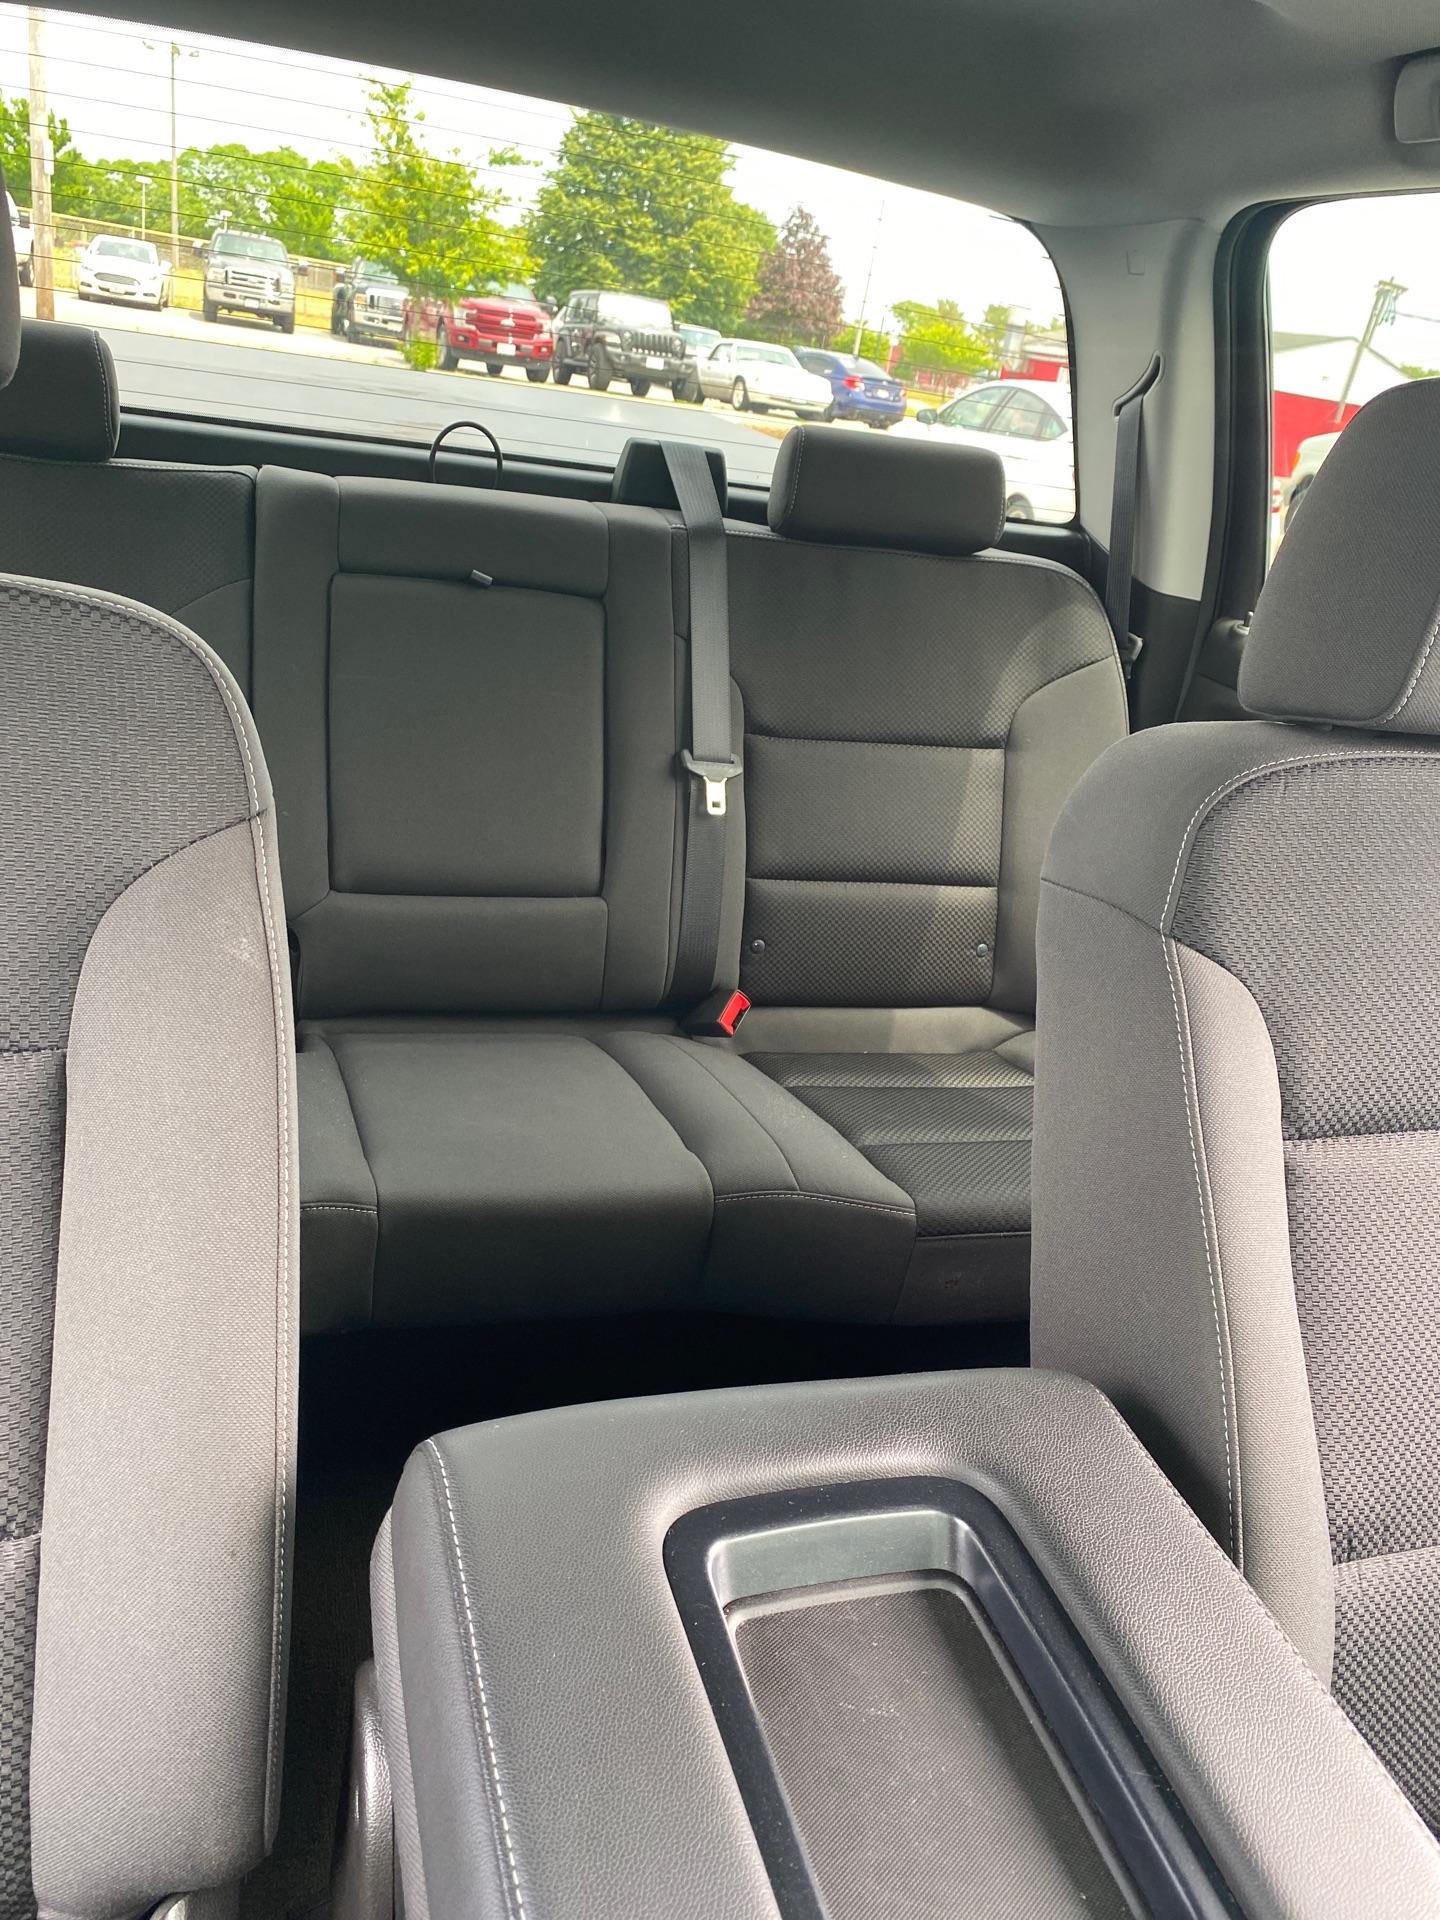 2018 Chevrolet Silverado 1500 - photo 3